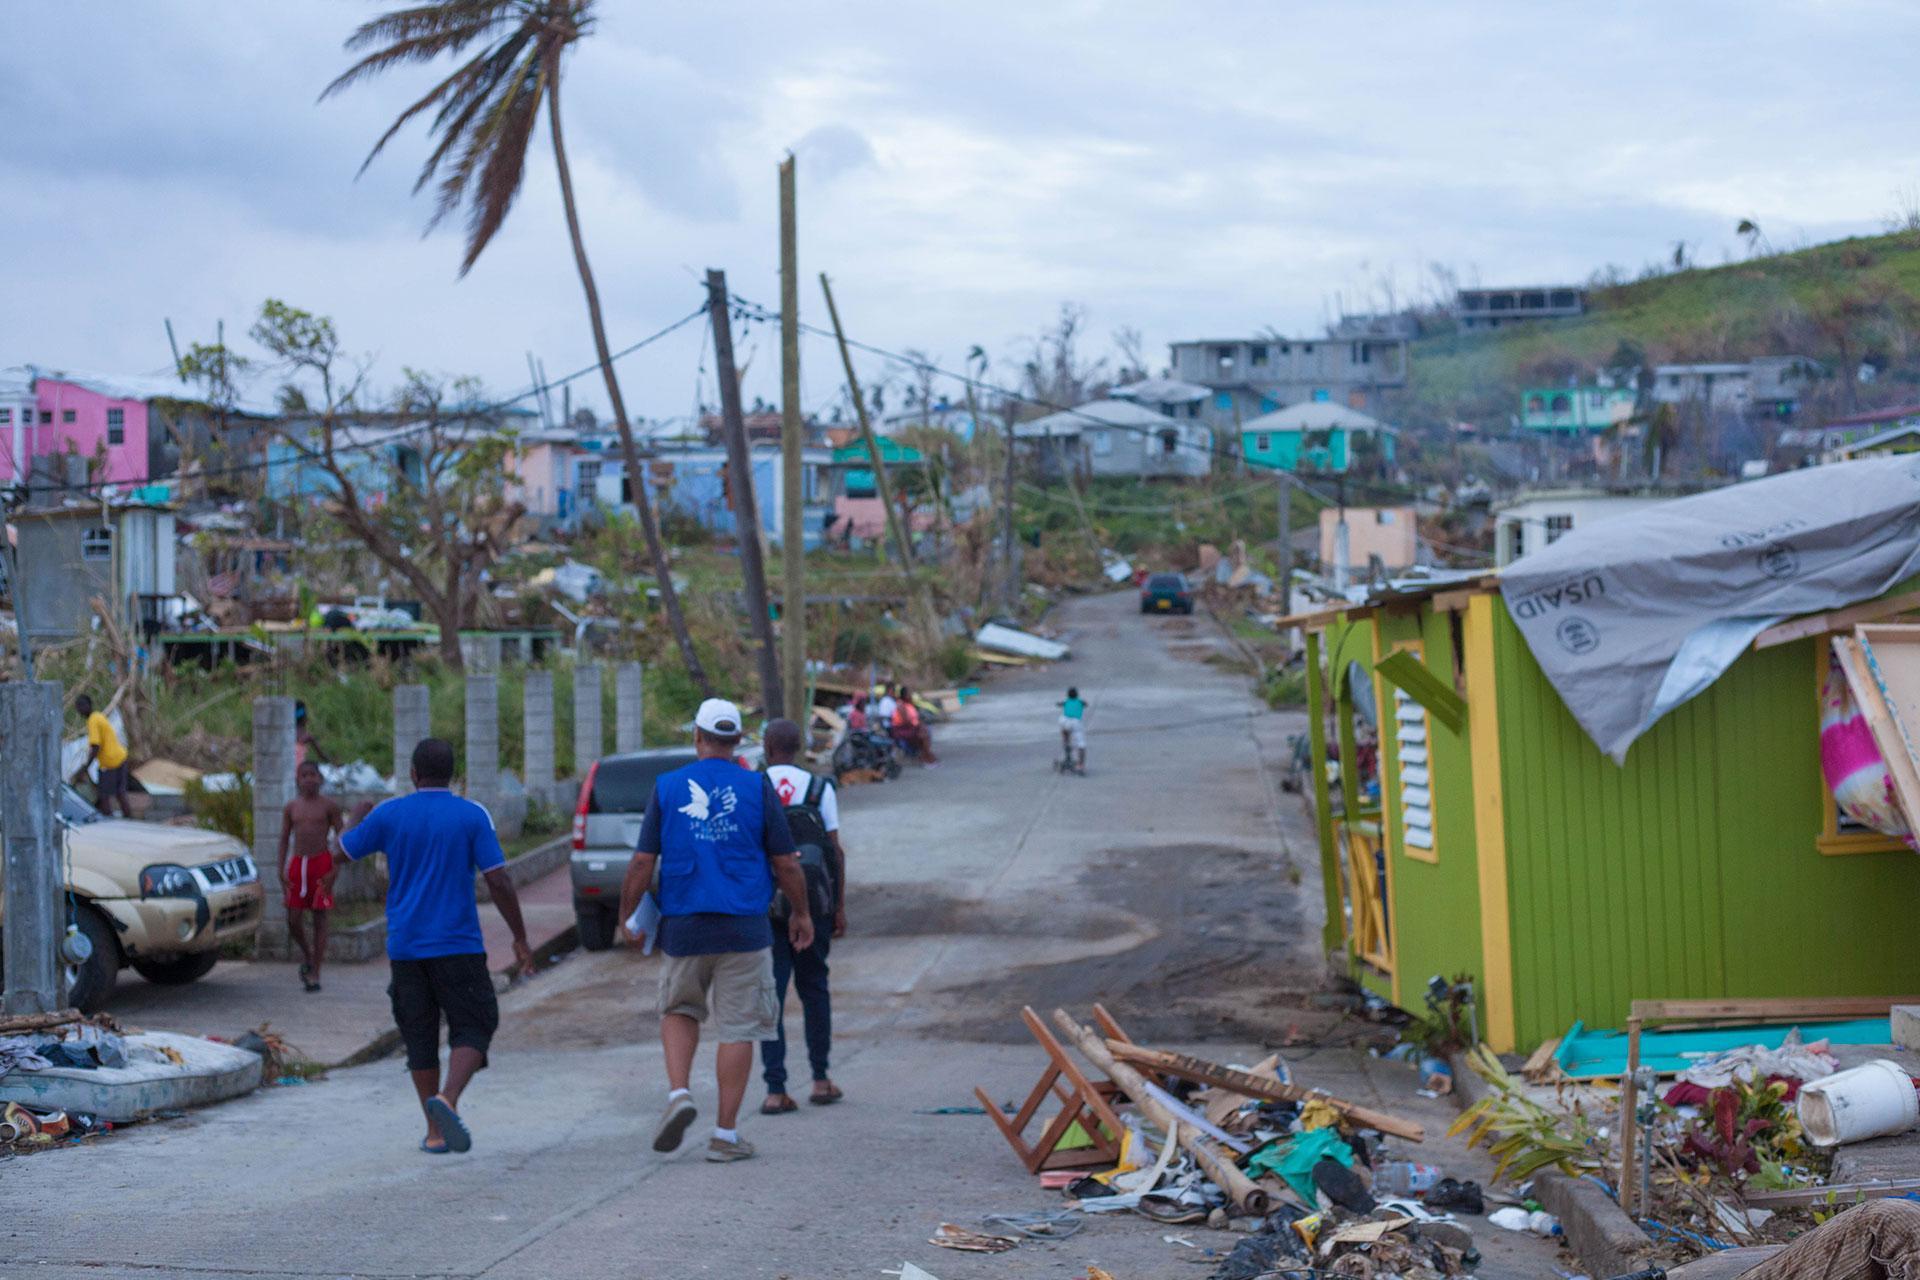 Arrivée le samedi 30 septembre sur l'île de la Dominique, la mission du Secours populaire constate qu'il ne reste presque plus rien des habitations de tôle et de bois.